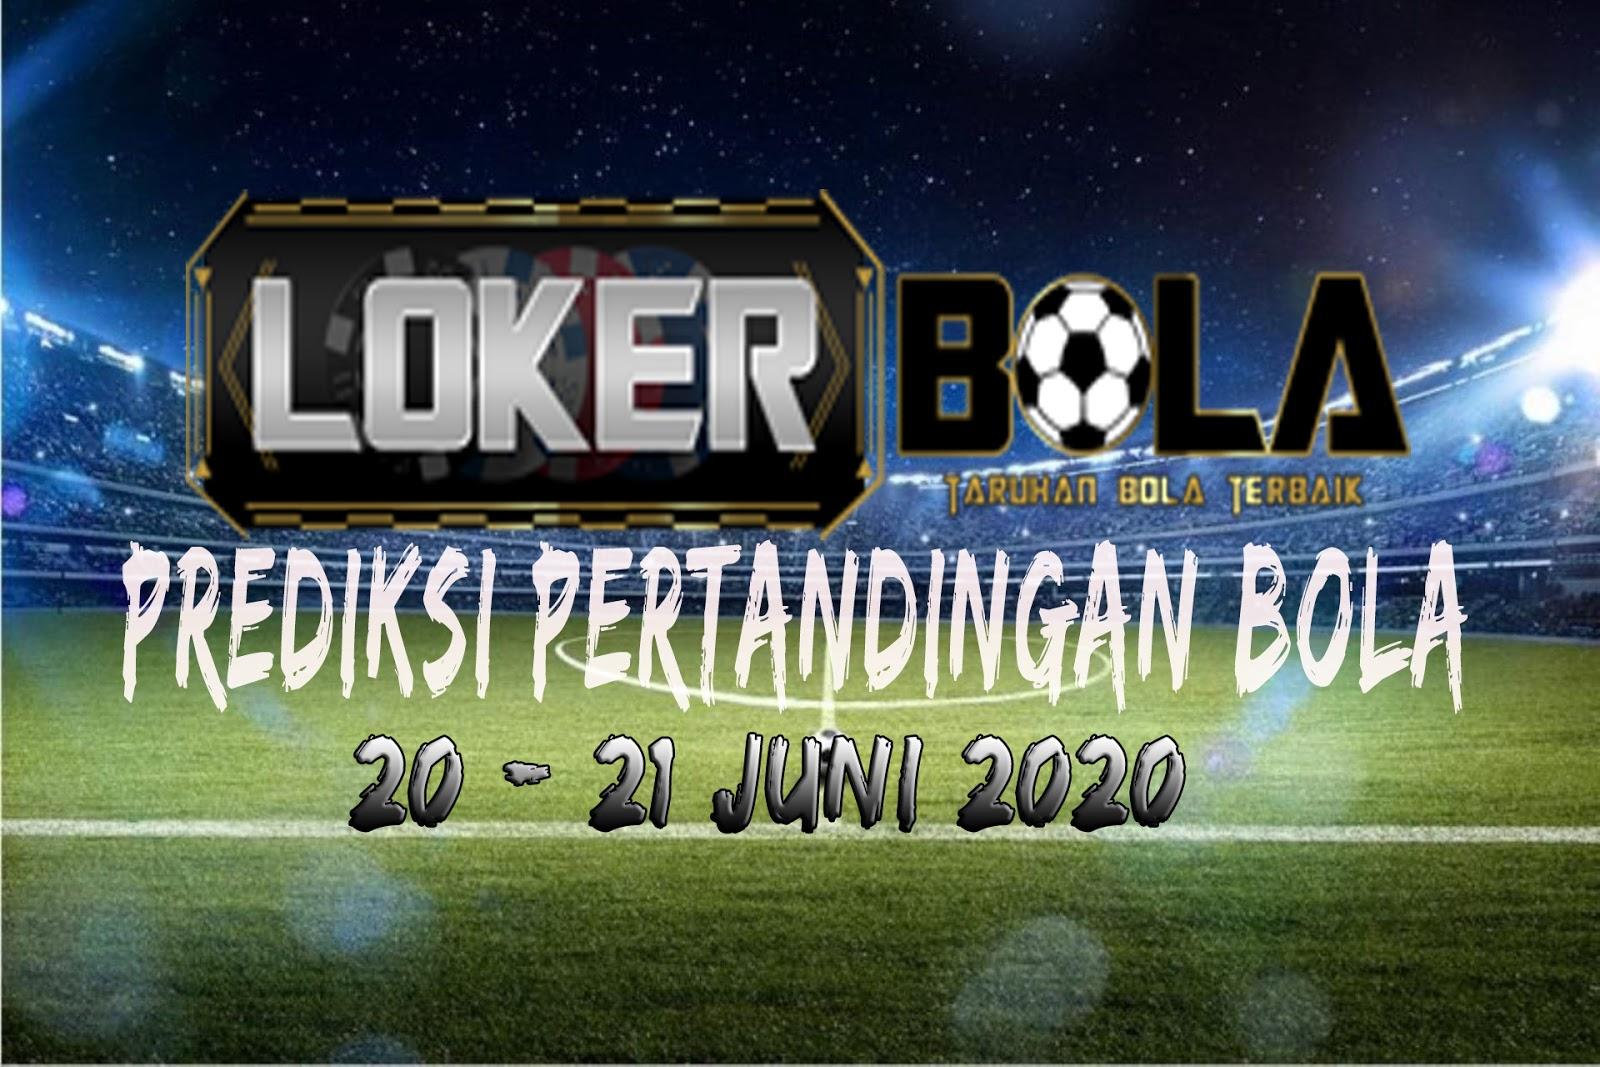 PREDIKSI PERTANDINGAN BOLA 20 – 21 June 2020